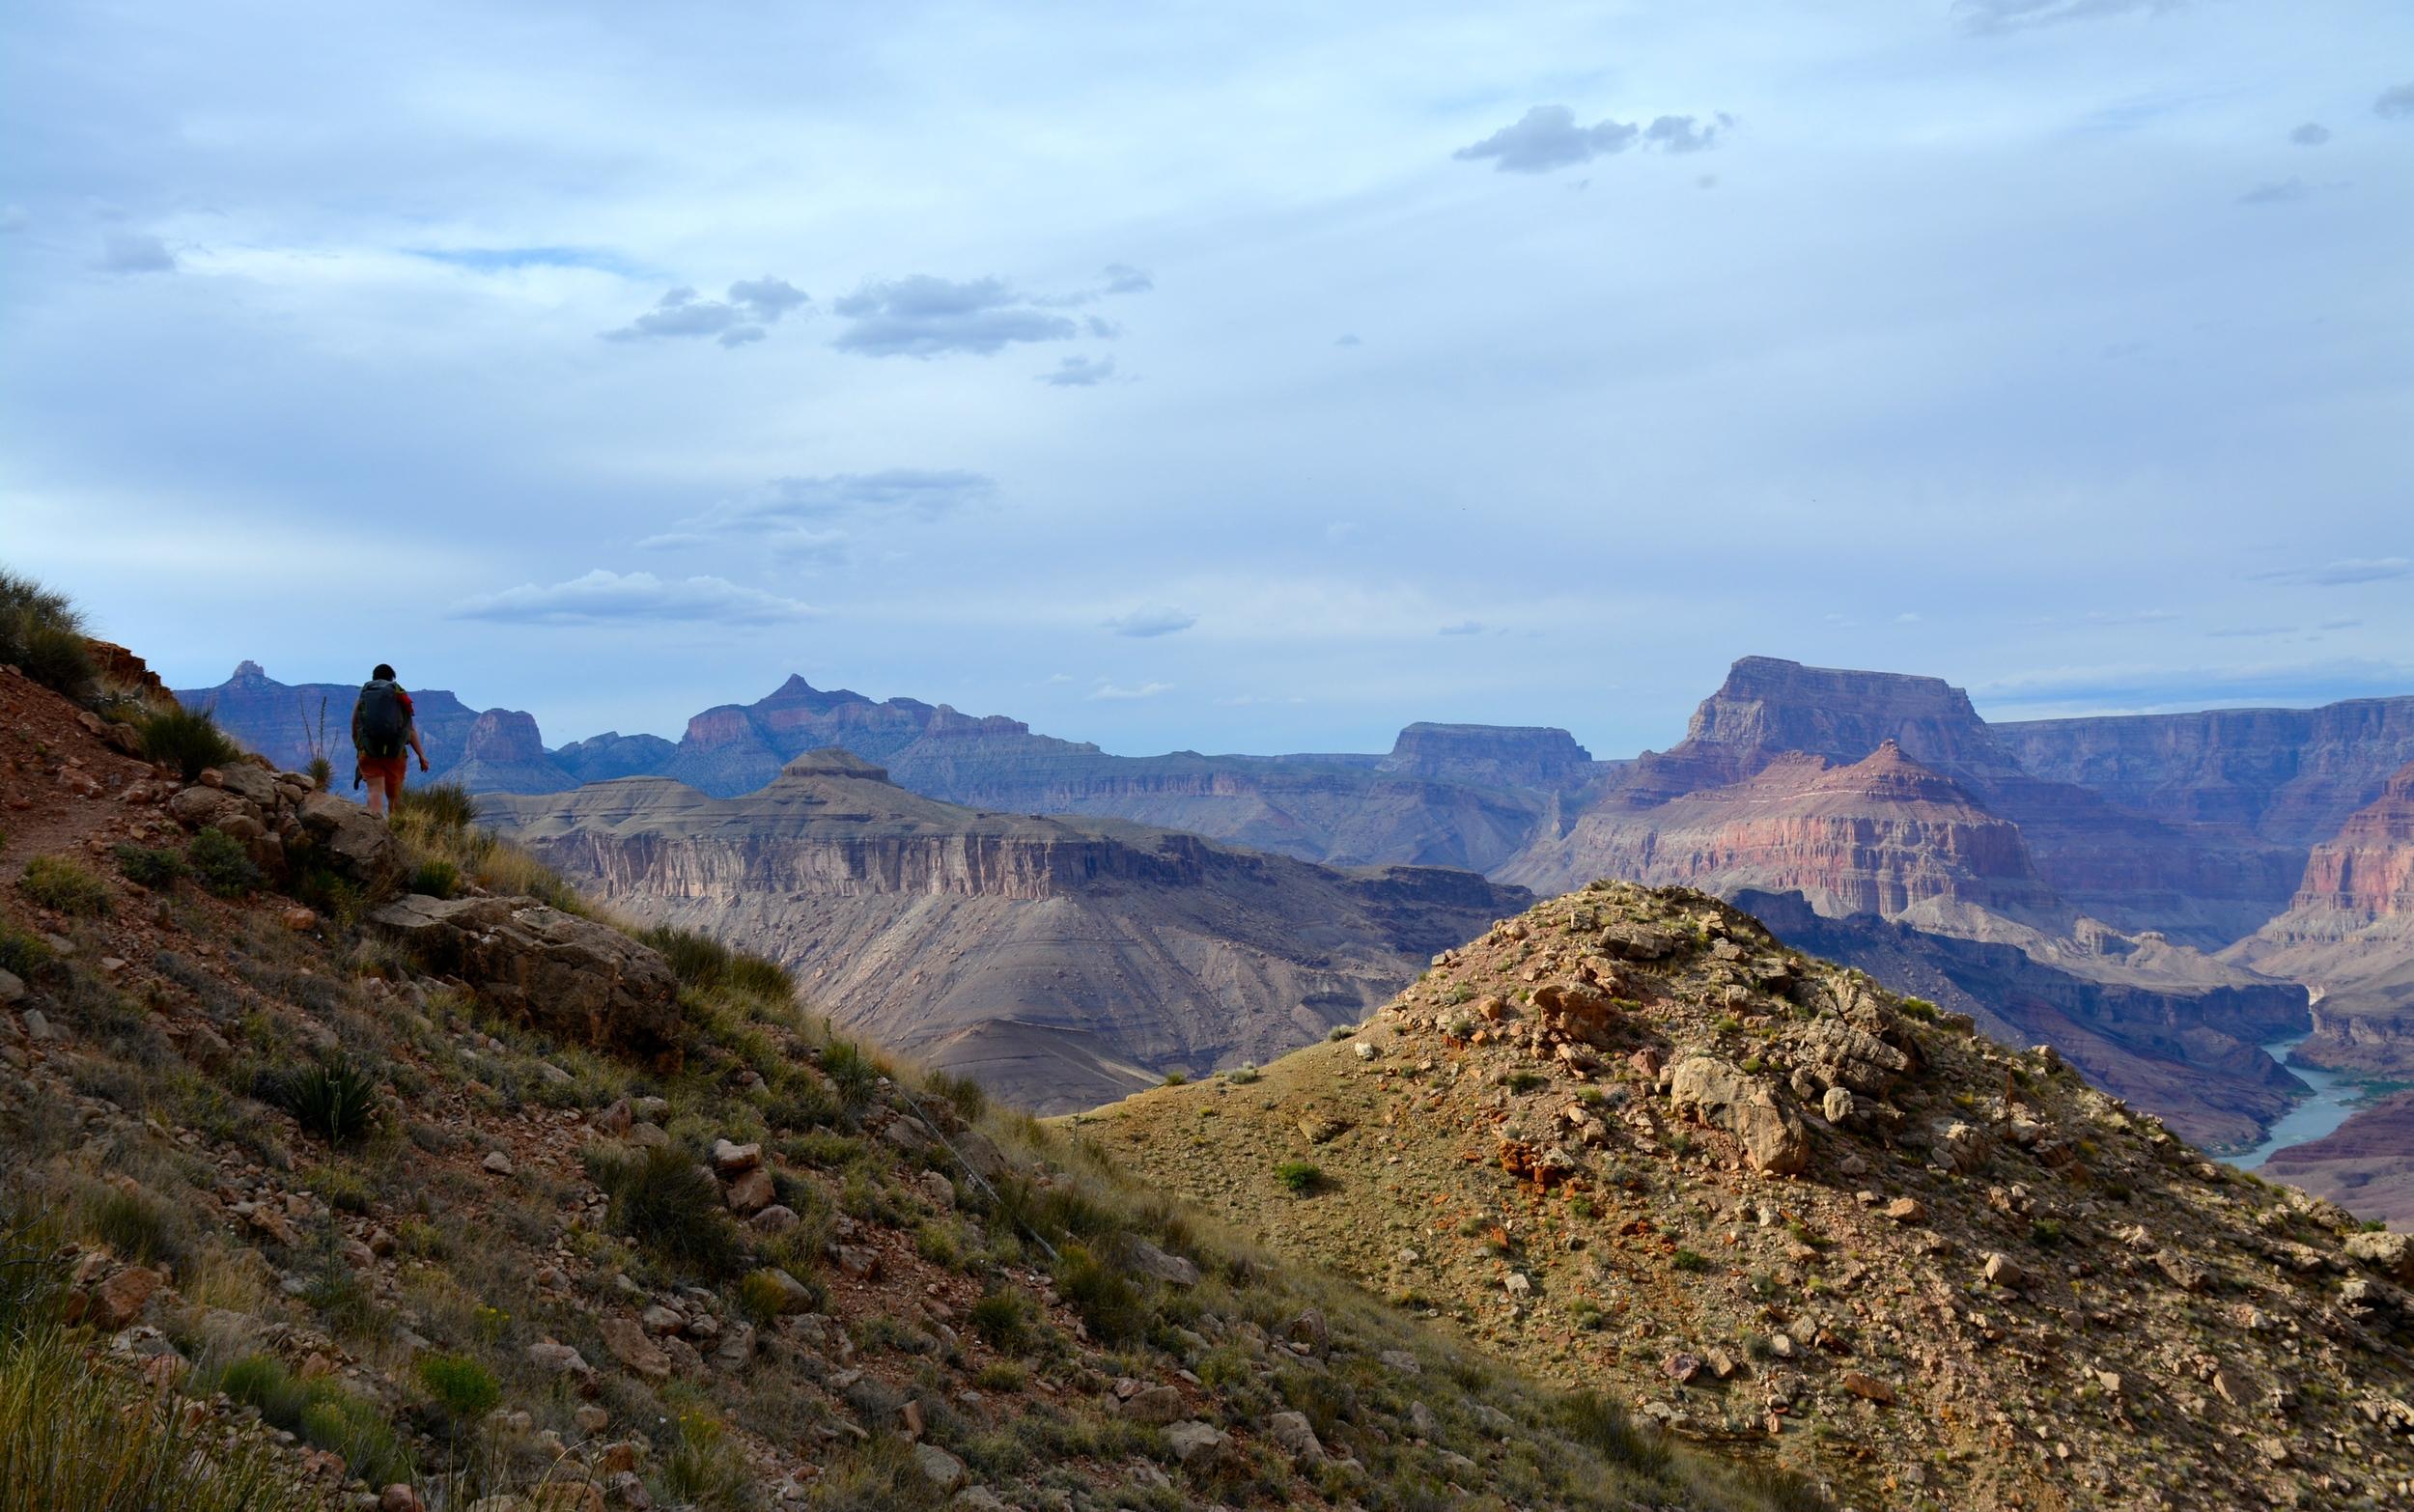 Descending the Tanner Trail